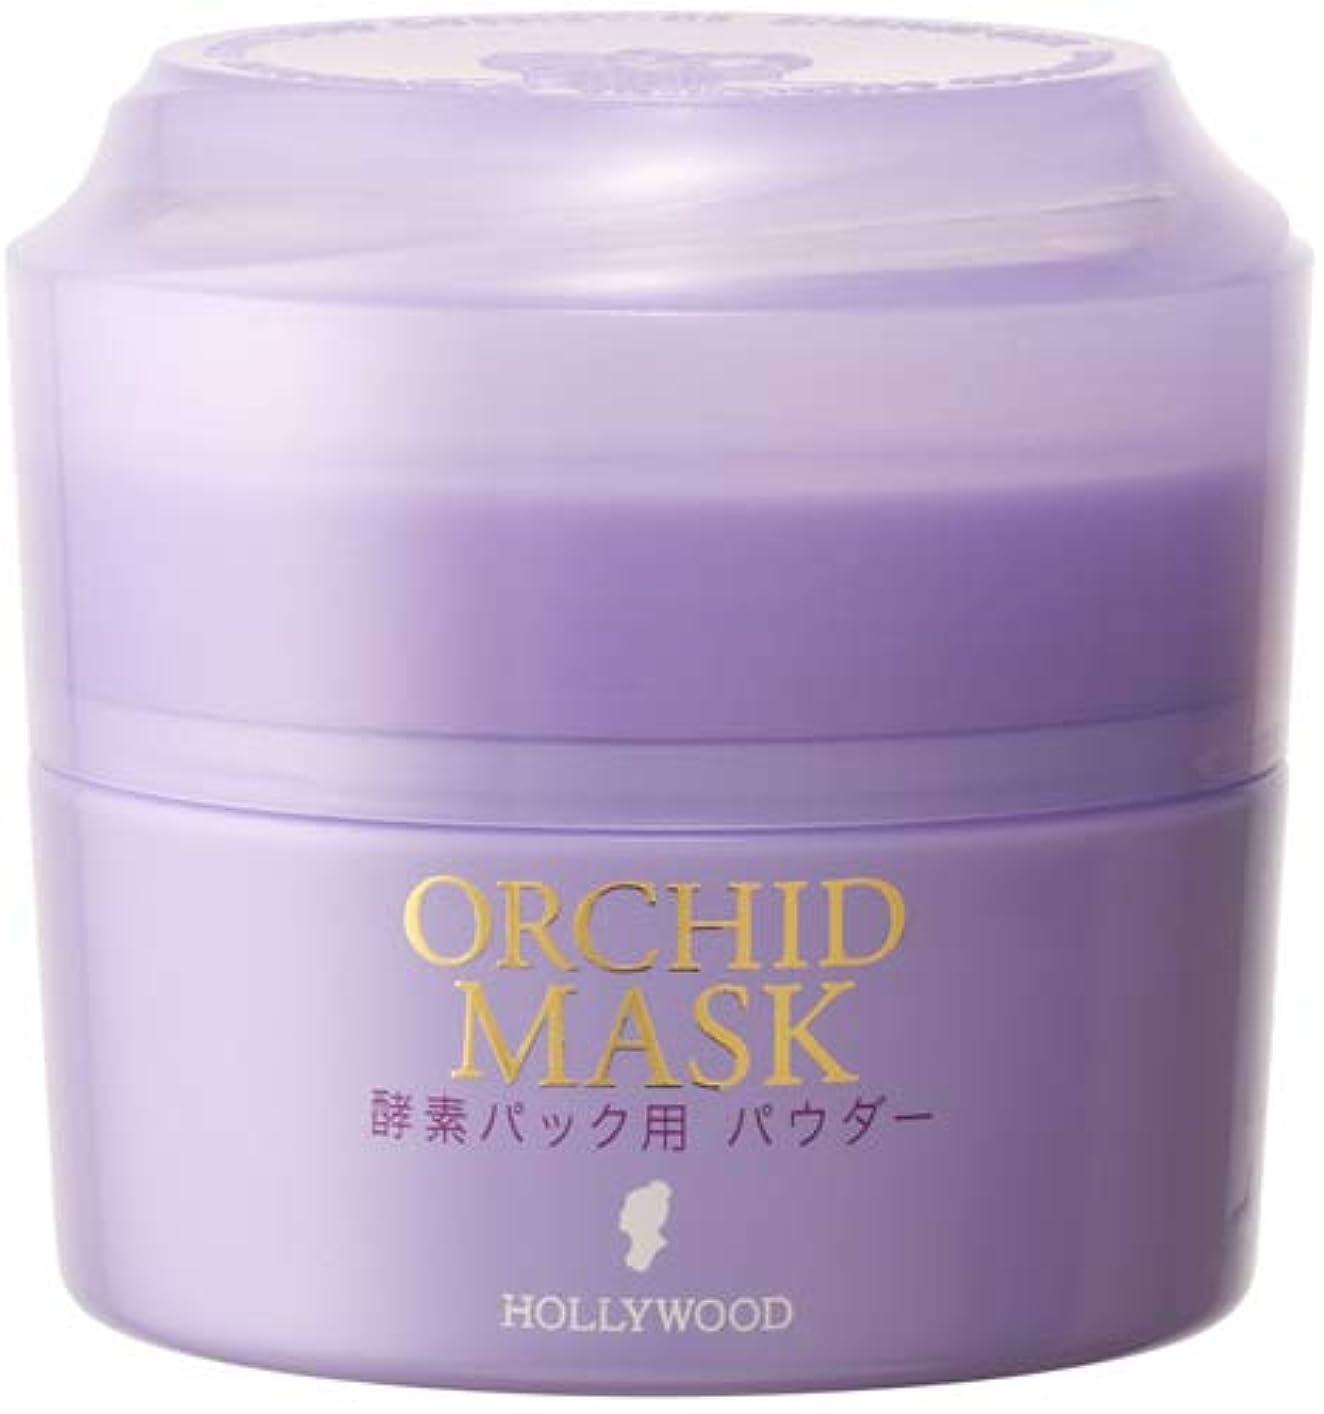 抗生物質レギュラー密接にハリウッド化粧品 オーキッド マスク 80g